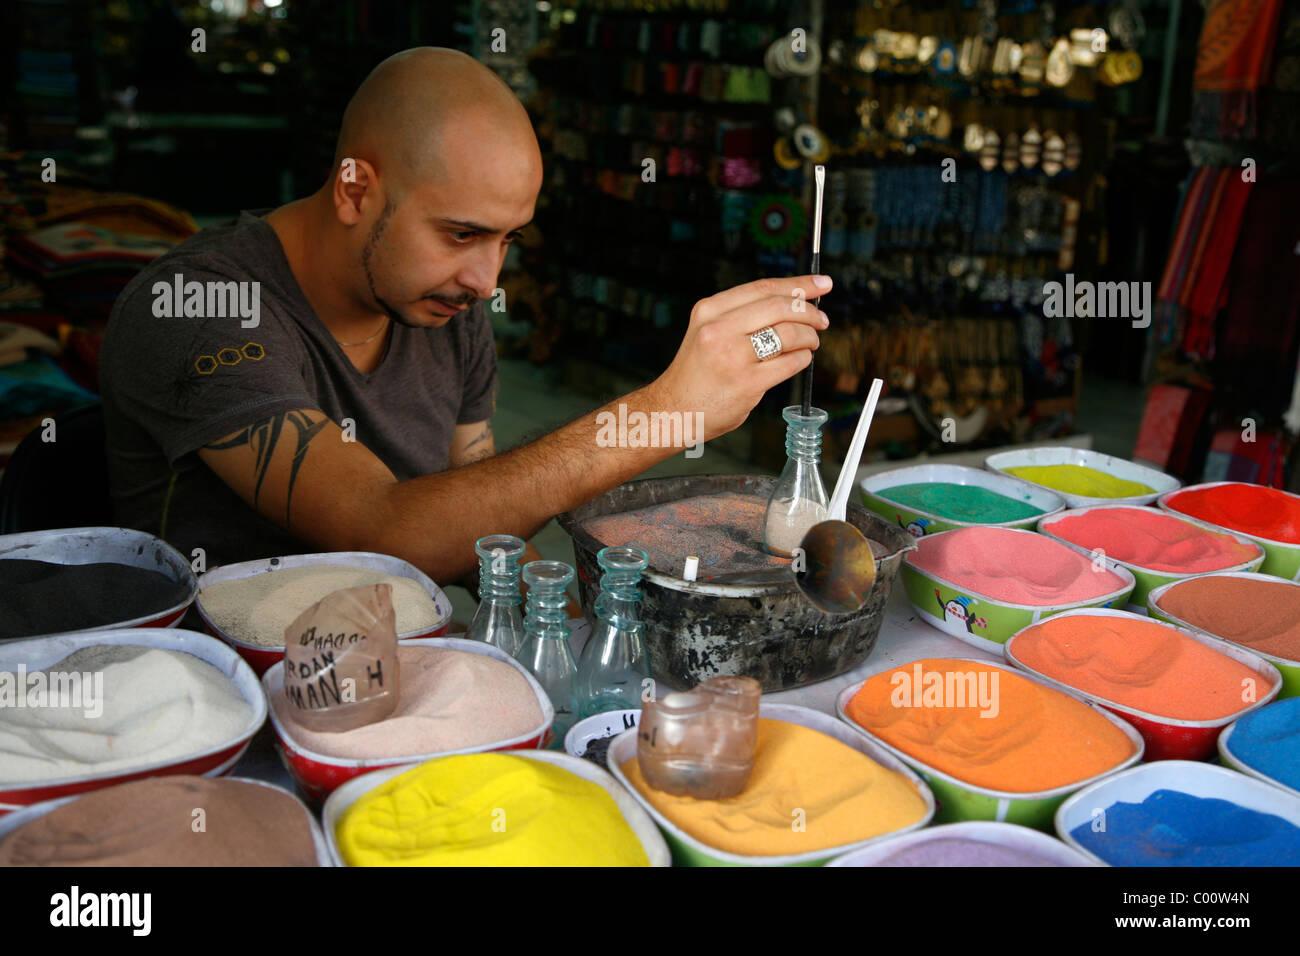 Un artista souvenir di riempimento delle bottiglie con la sabbia del deserto, Amman, Giordania. Immagini Stock